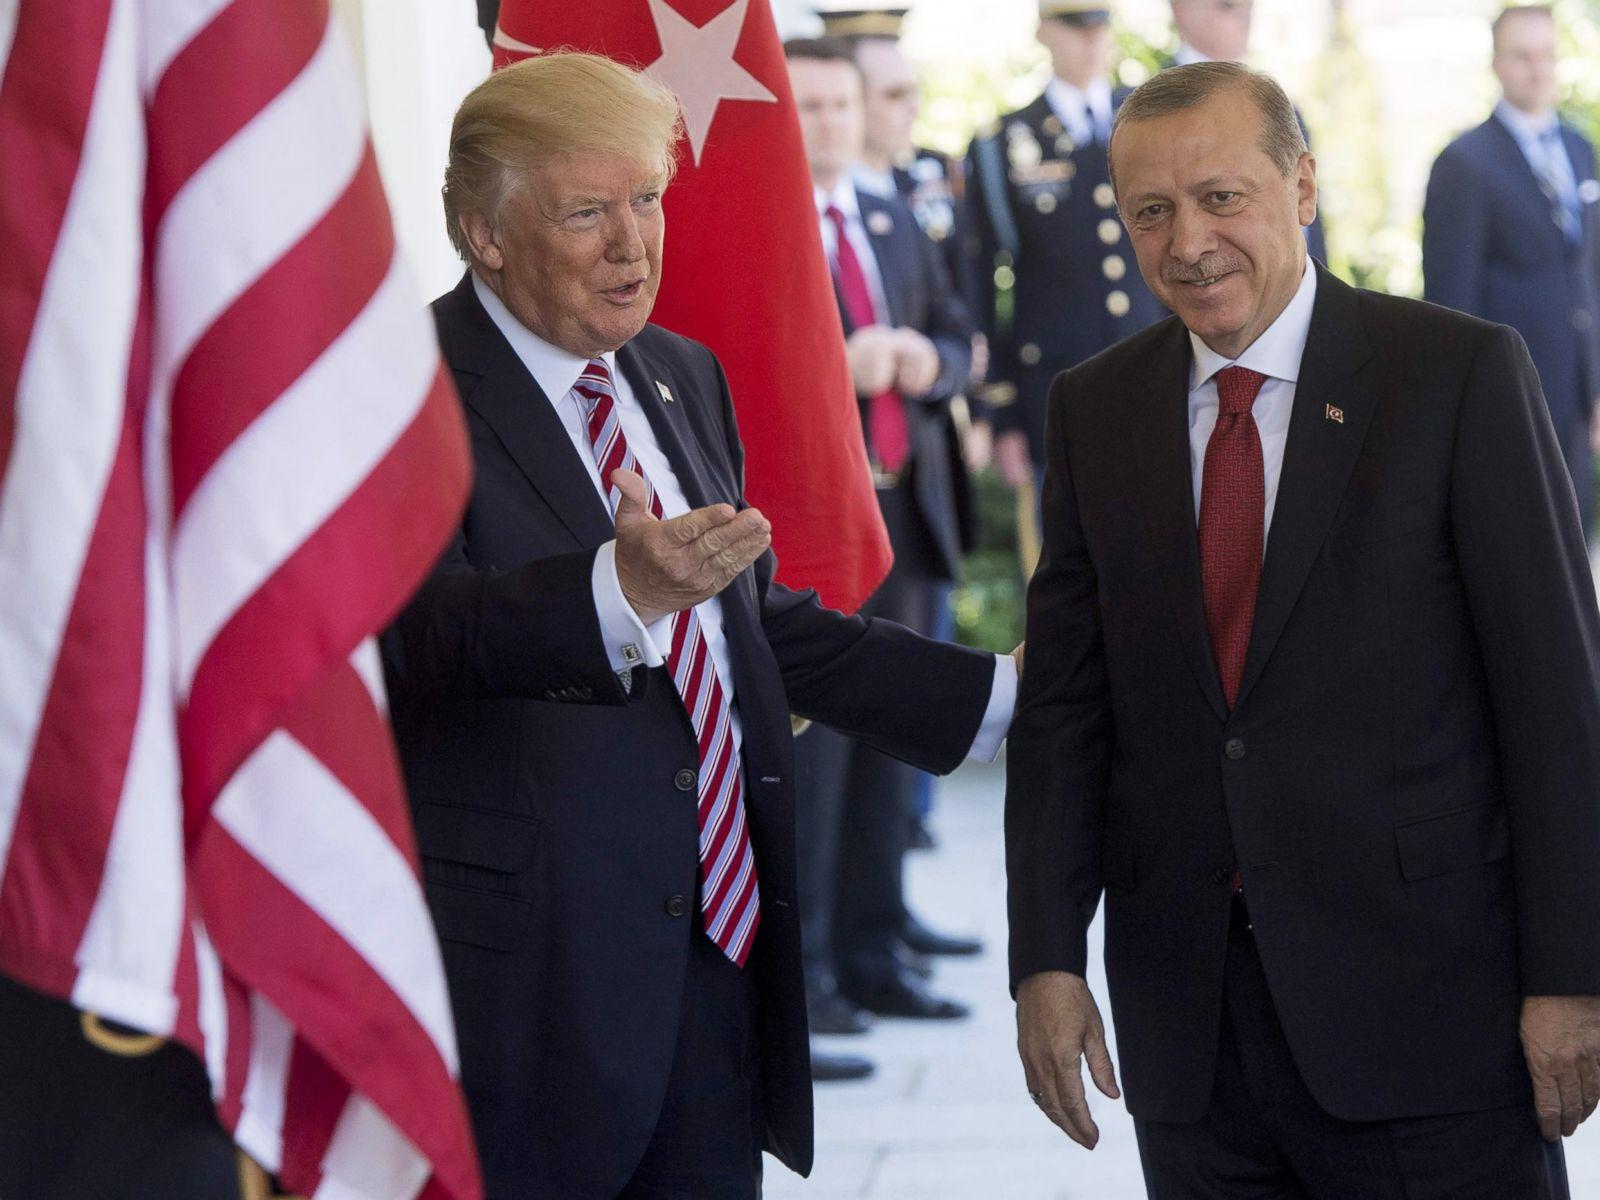 MNOGO GA POŠTUJEM, IMAMO DOBRE ODNOSE! Tramp dočekao Erdogana u Bijeloj kući!